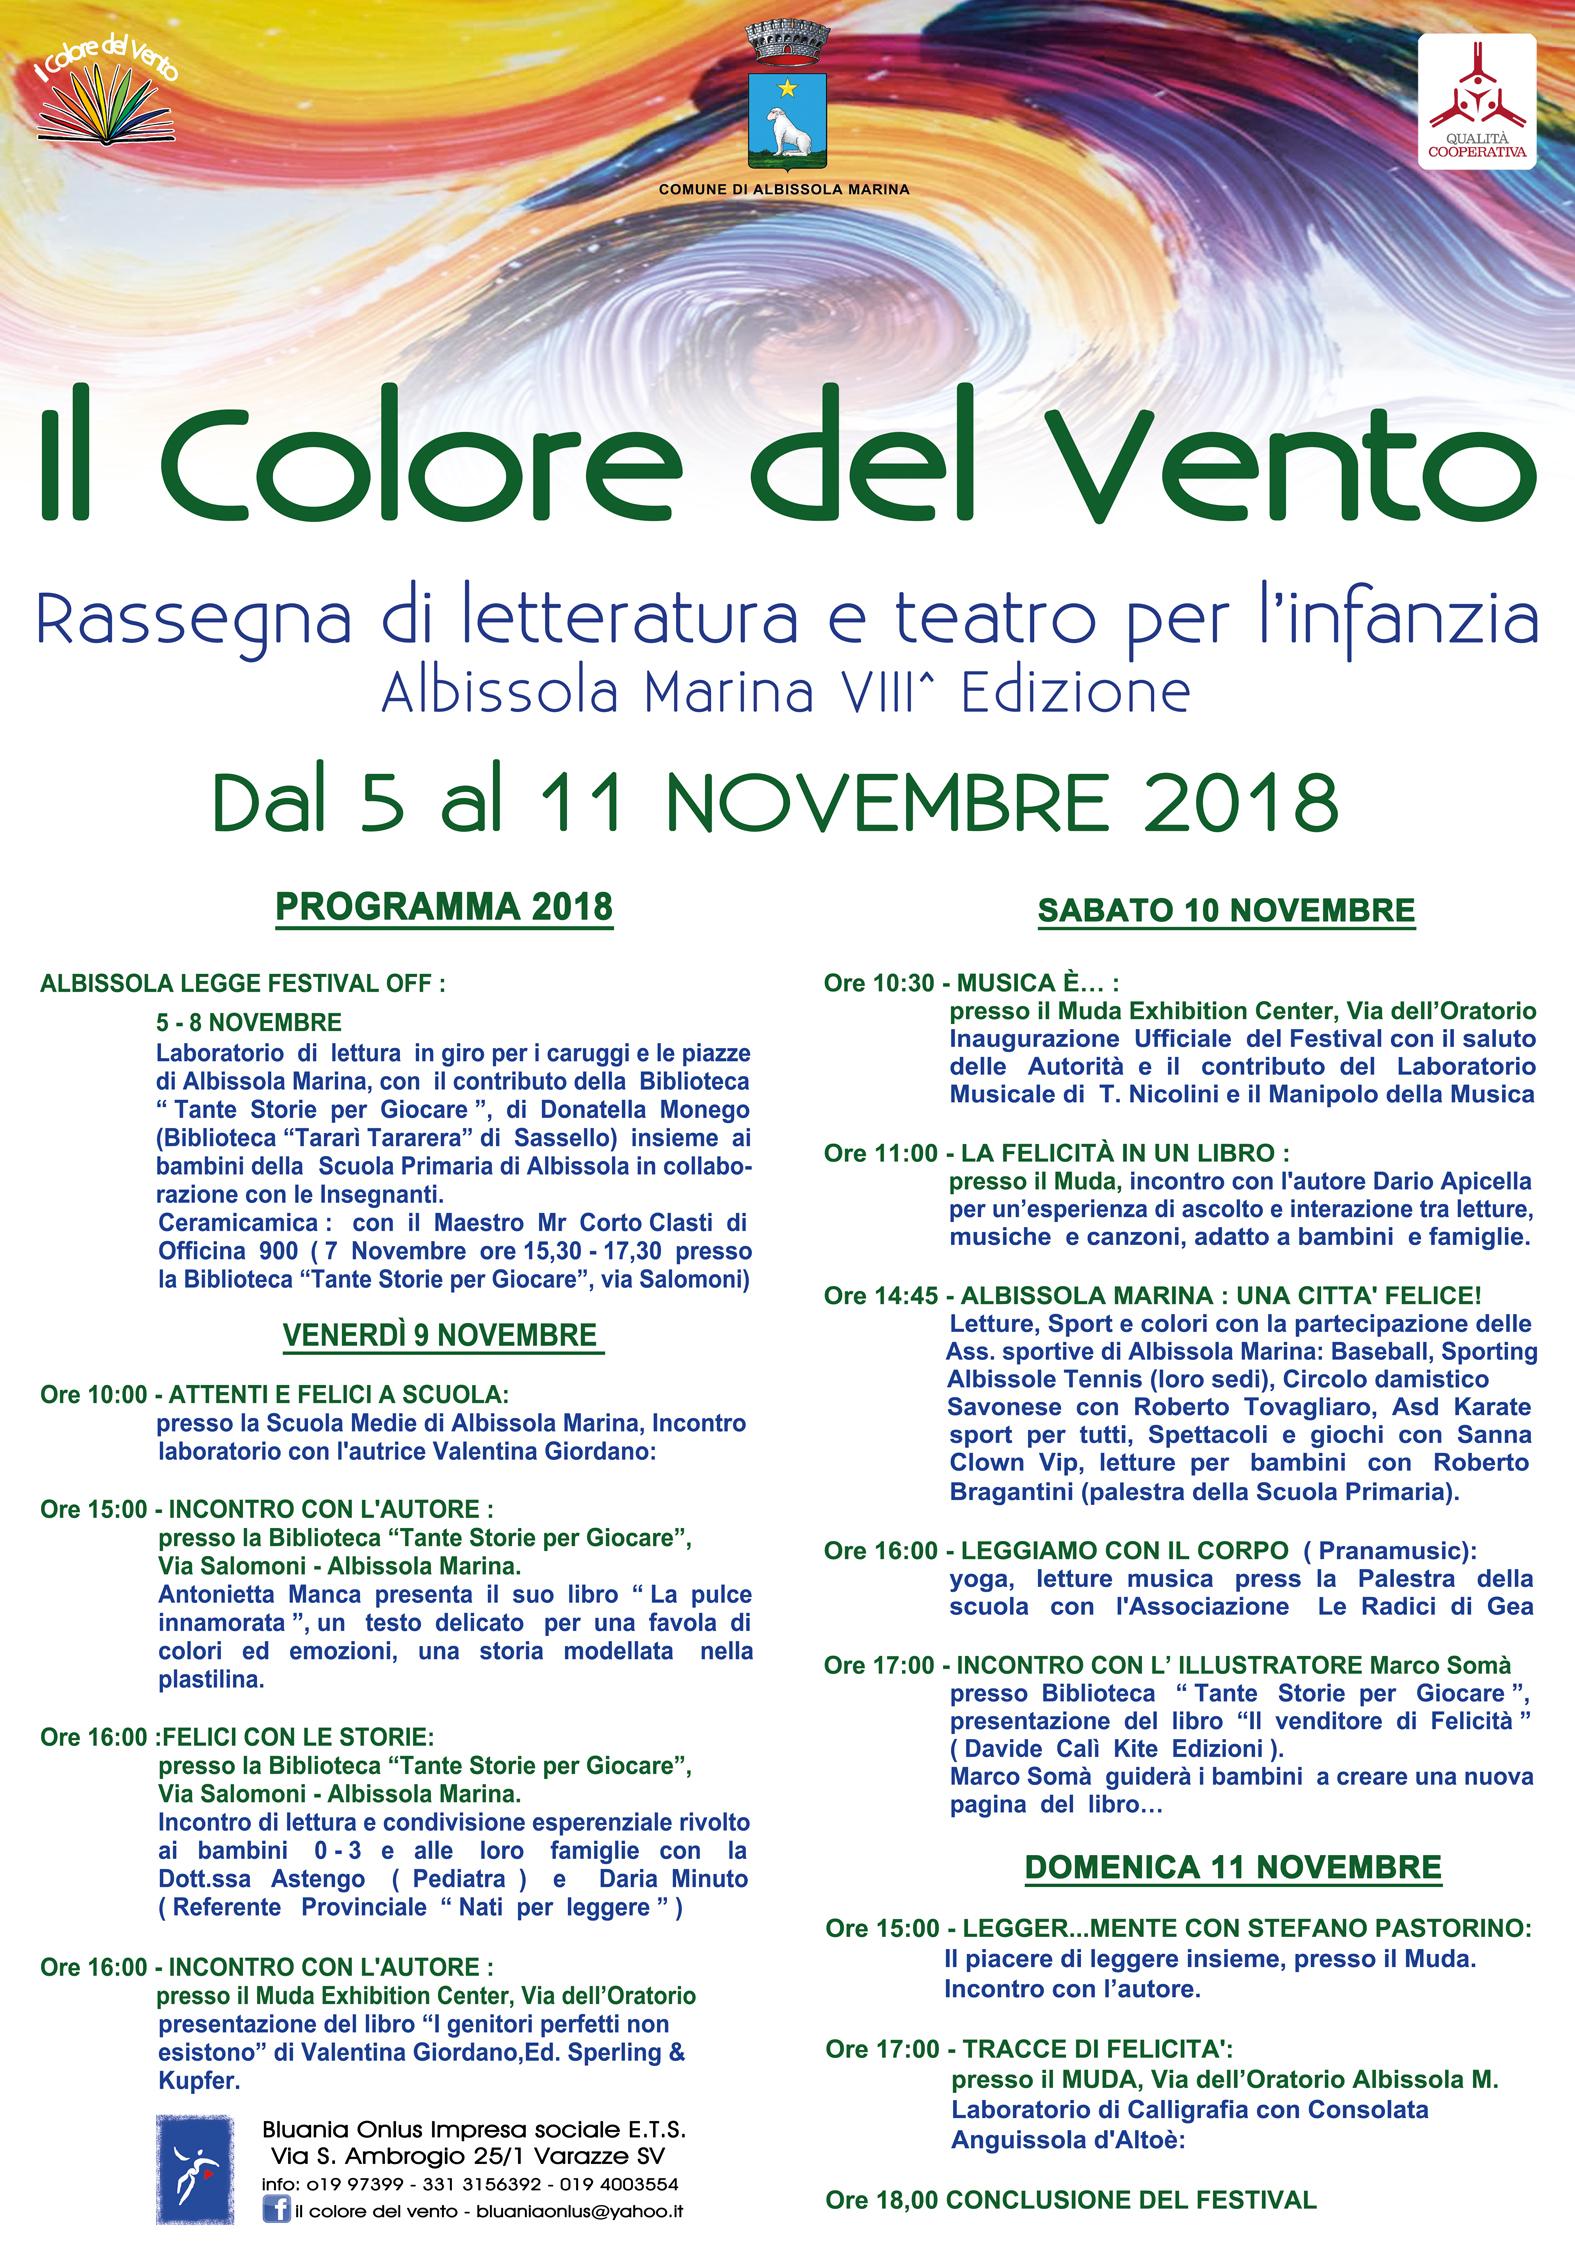 Albissola Il Colore Del Vento Il Festival Di Letteratura E Teatro